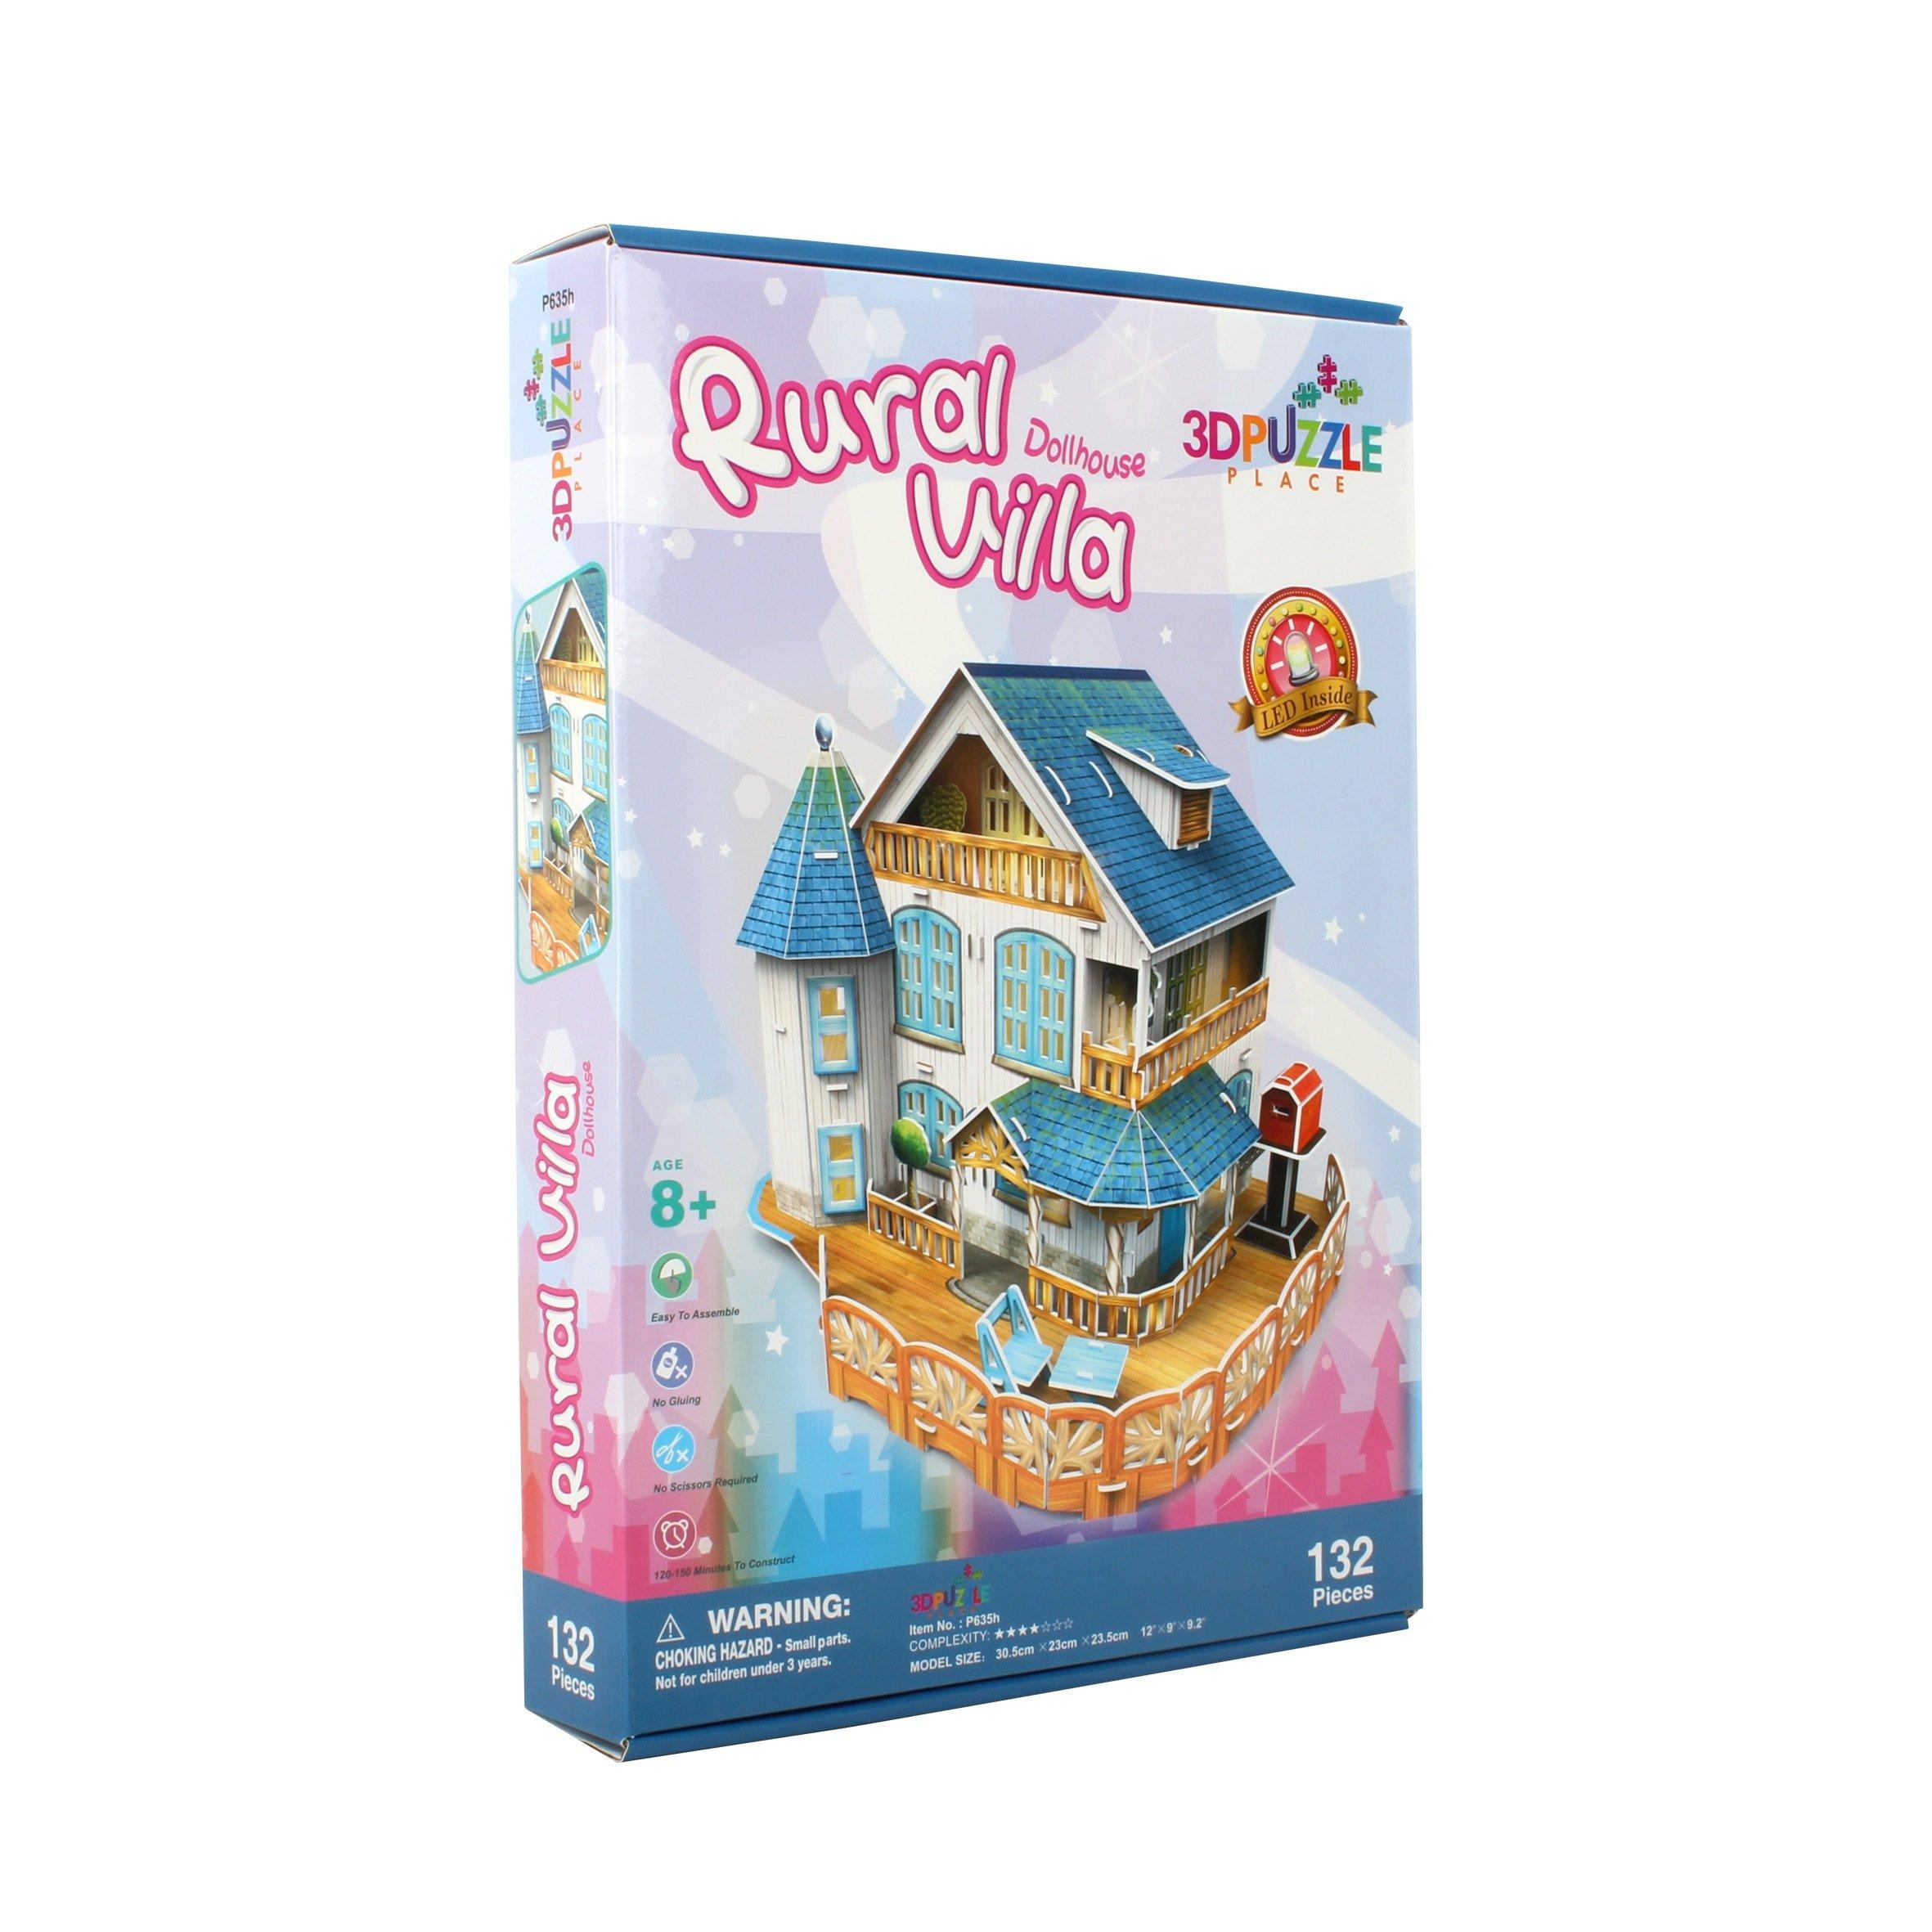 3D Puzzle Place Cubic Classic Rural Villa Dollhouse by 3D Puzzle Place (Image #2)